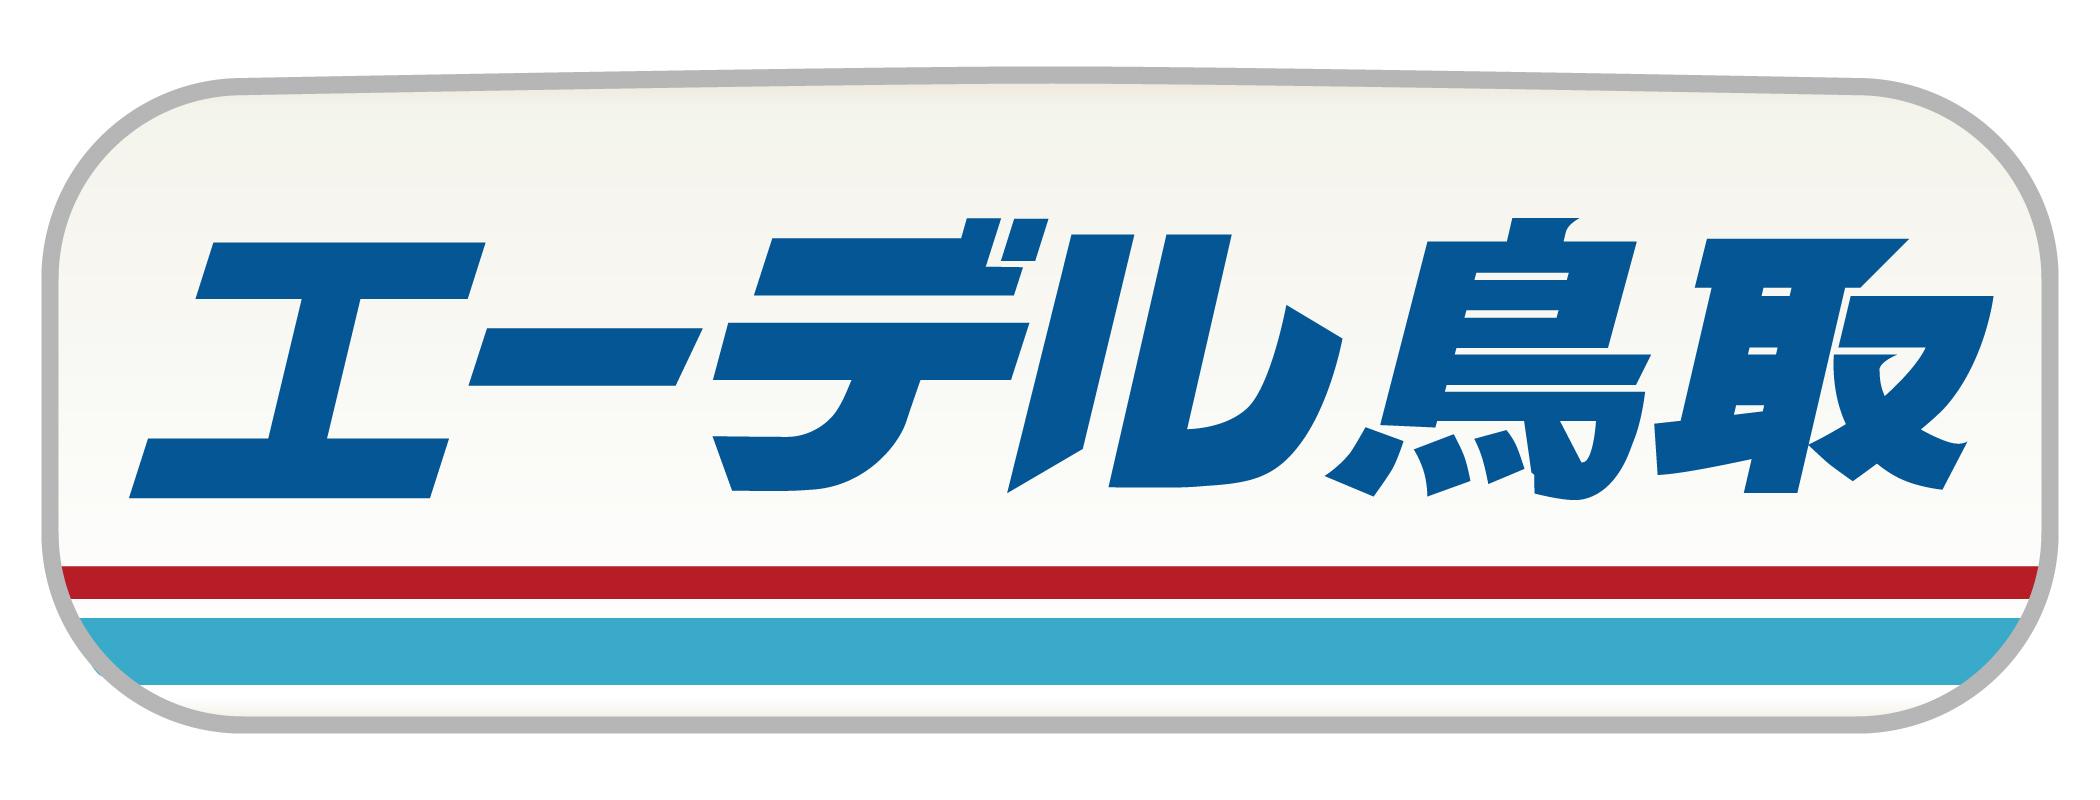 特急エーデル鳥取号ヘッドマーク